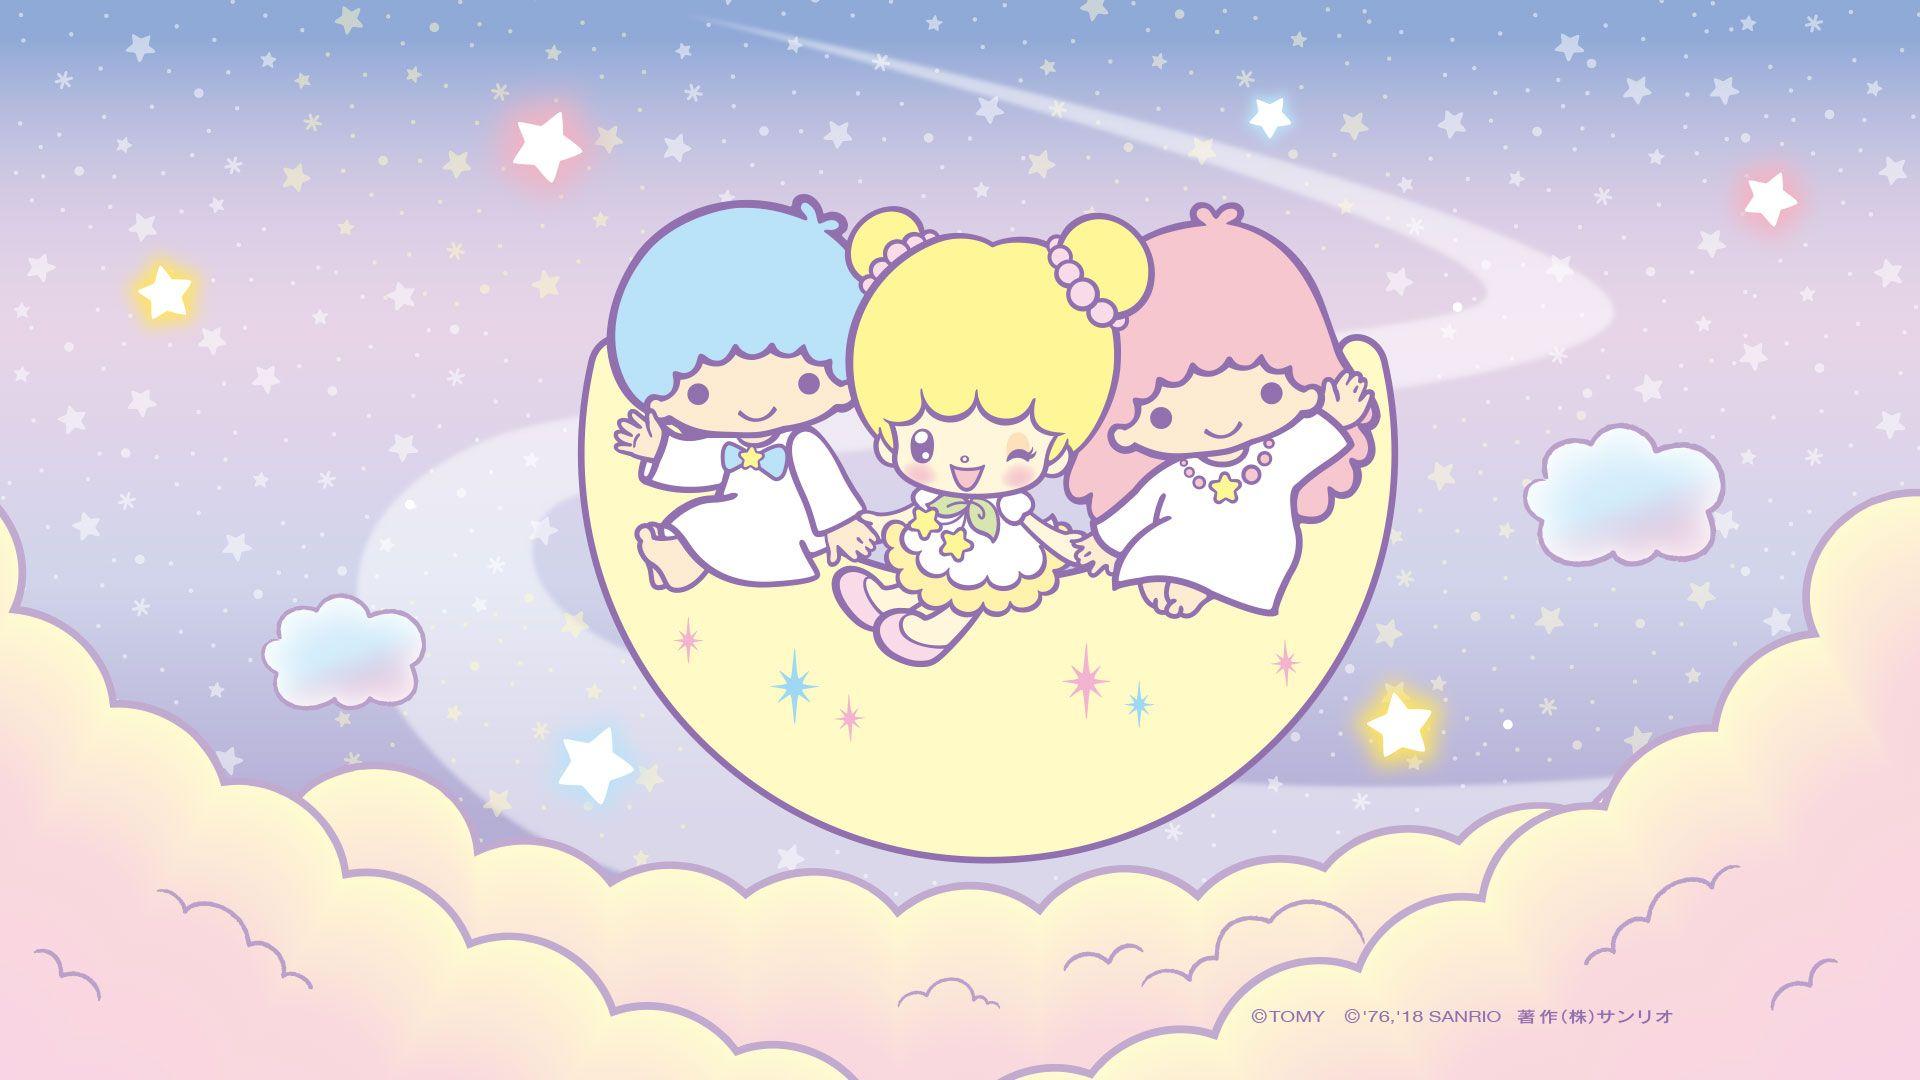 Little Twin Stars Background - HD Wallpaper